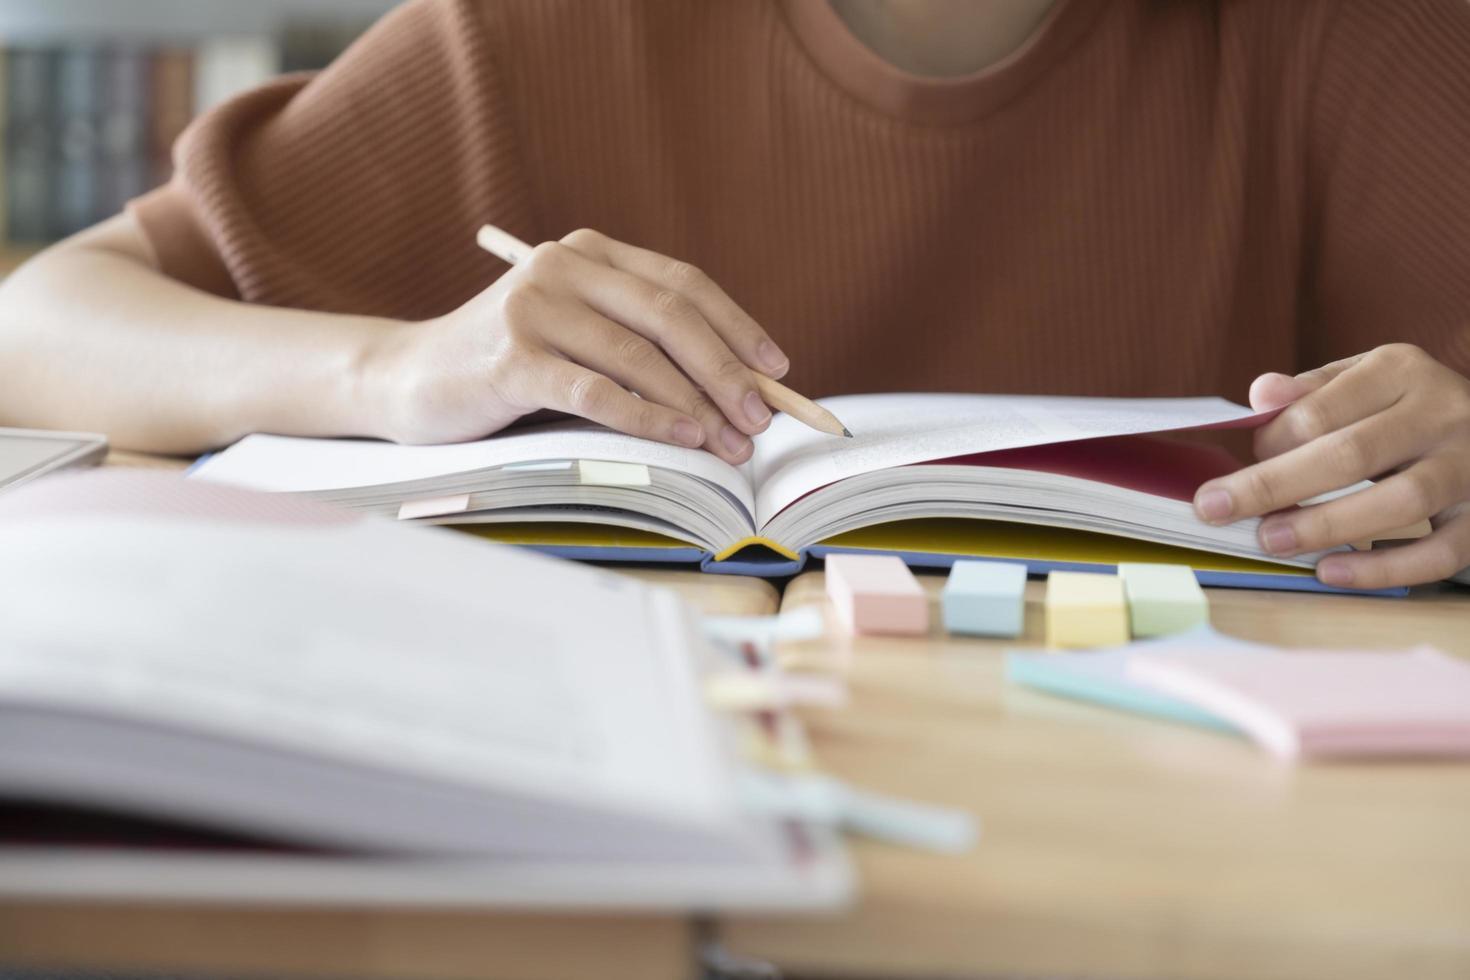 närbild av studenten som studerar foto